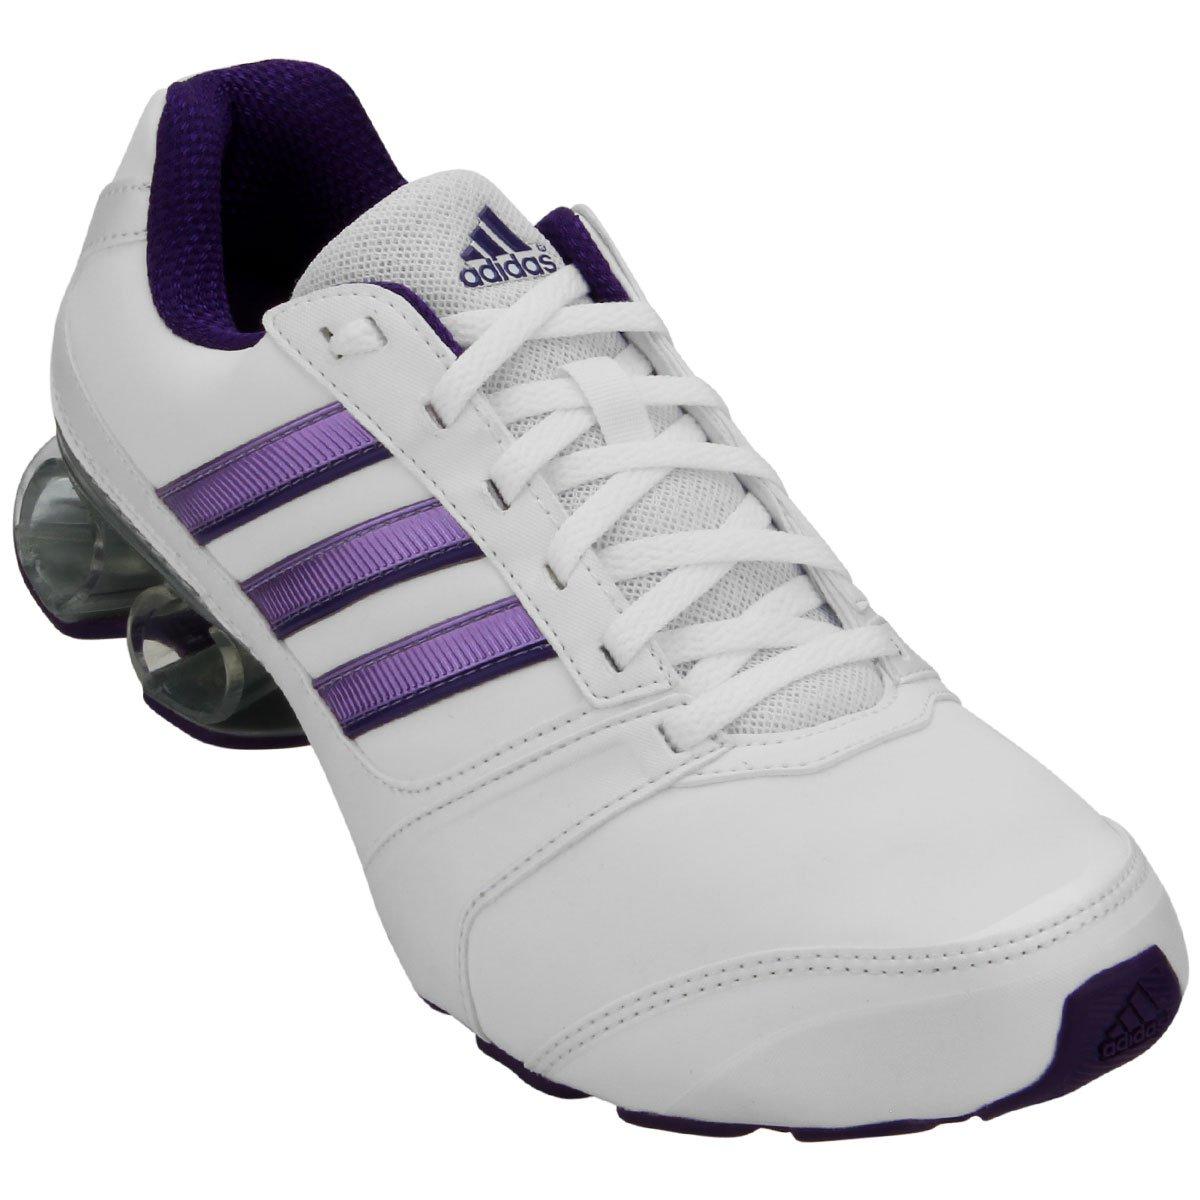 Tênis Juvenil Adidas Komet J - Compre Agora  743600c253a10